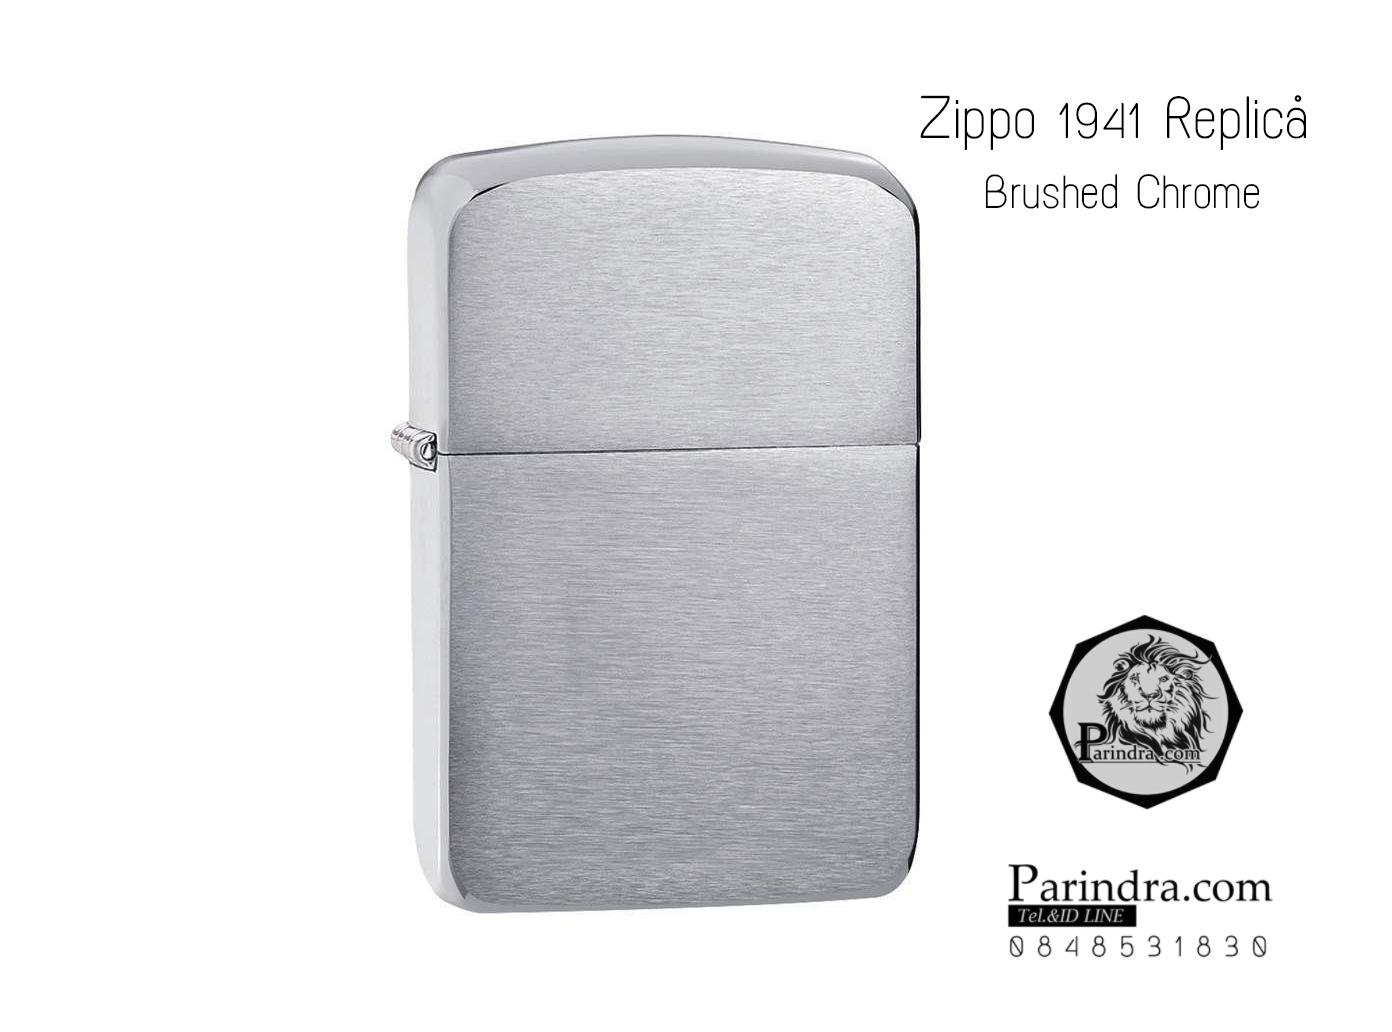 """ไฟแช็ค Zippo แท้ """" Zippo 1941 Replica™ Brushed Chrome """" แท้นำเข้า 100%"""